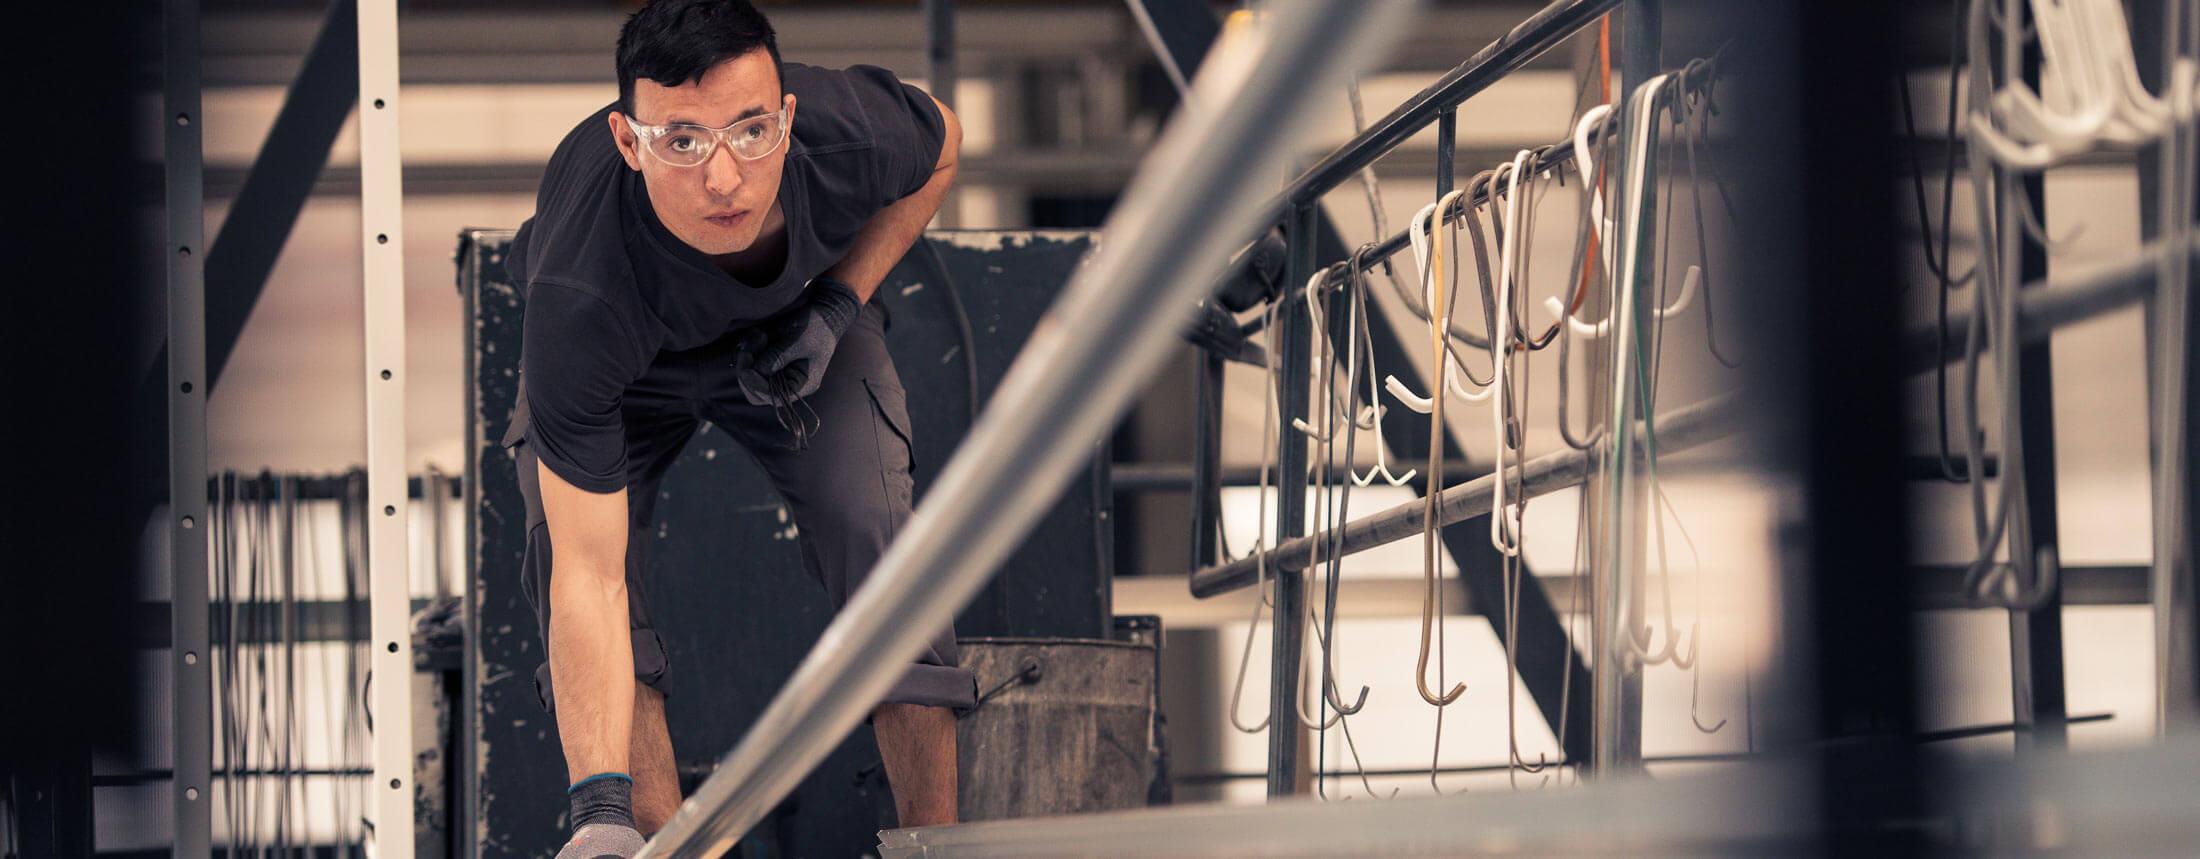 b+p AG, Beschichtungspartner, Oberflächenschutz, Reinigung